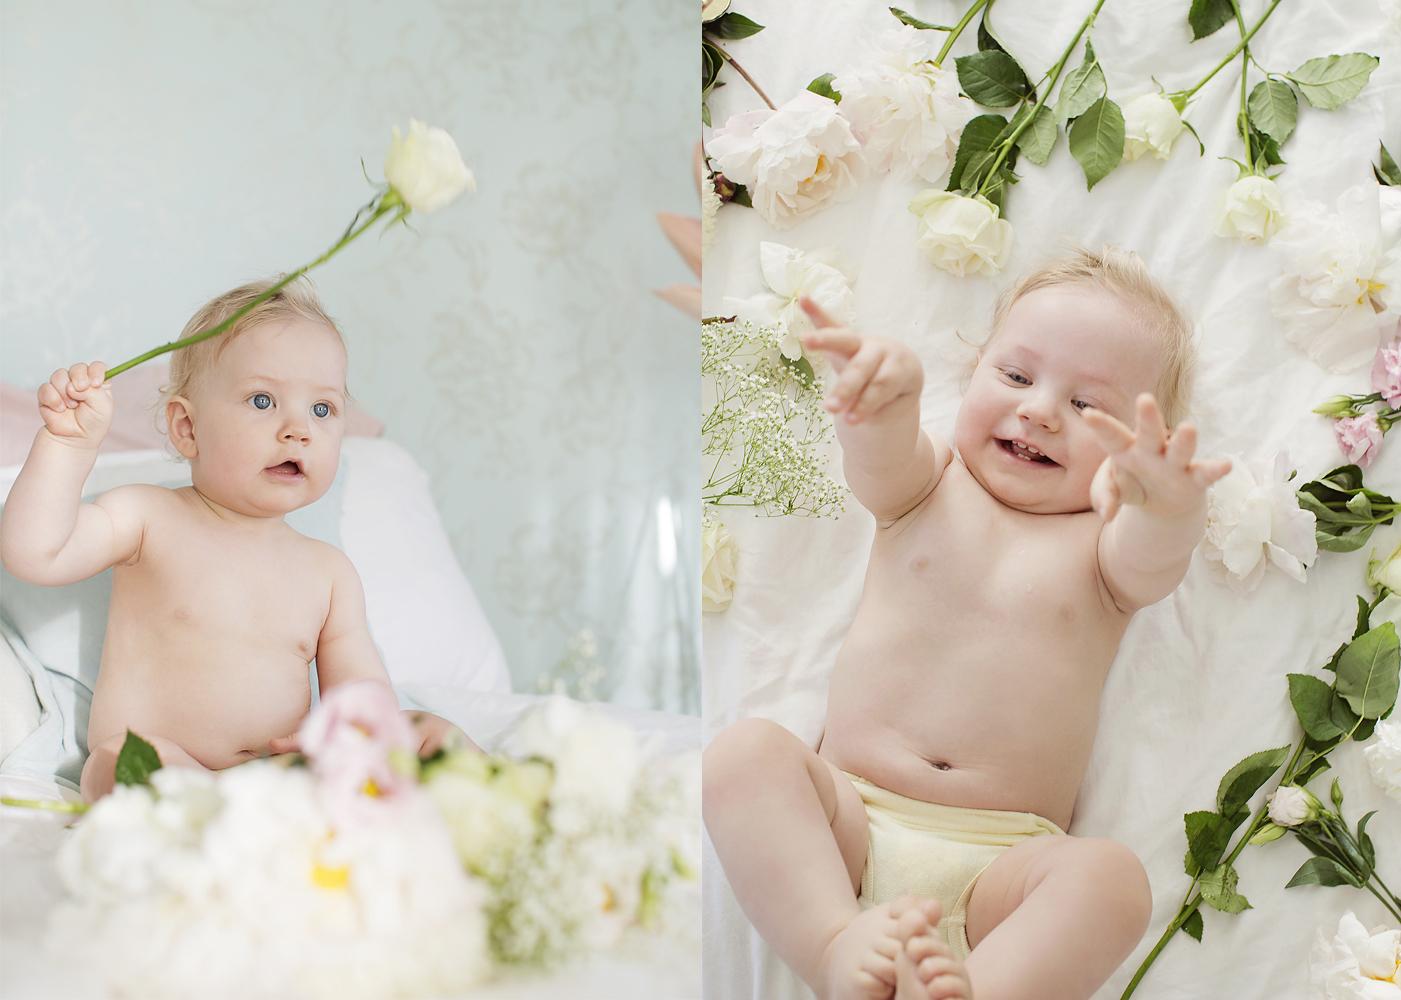 haslien-fotograf-barn-naturlig-lys-fotograf-pris-østfold-blogg-baby-barn_11